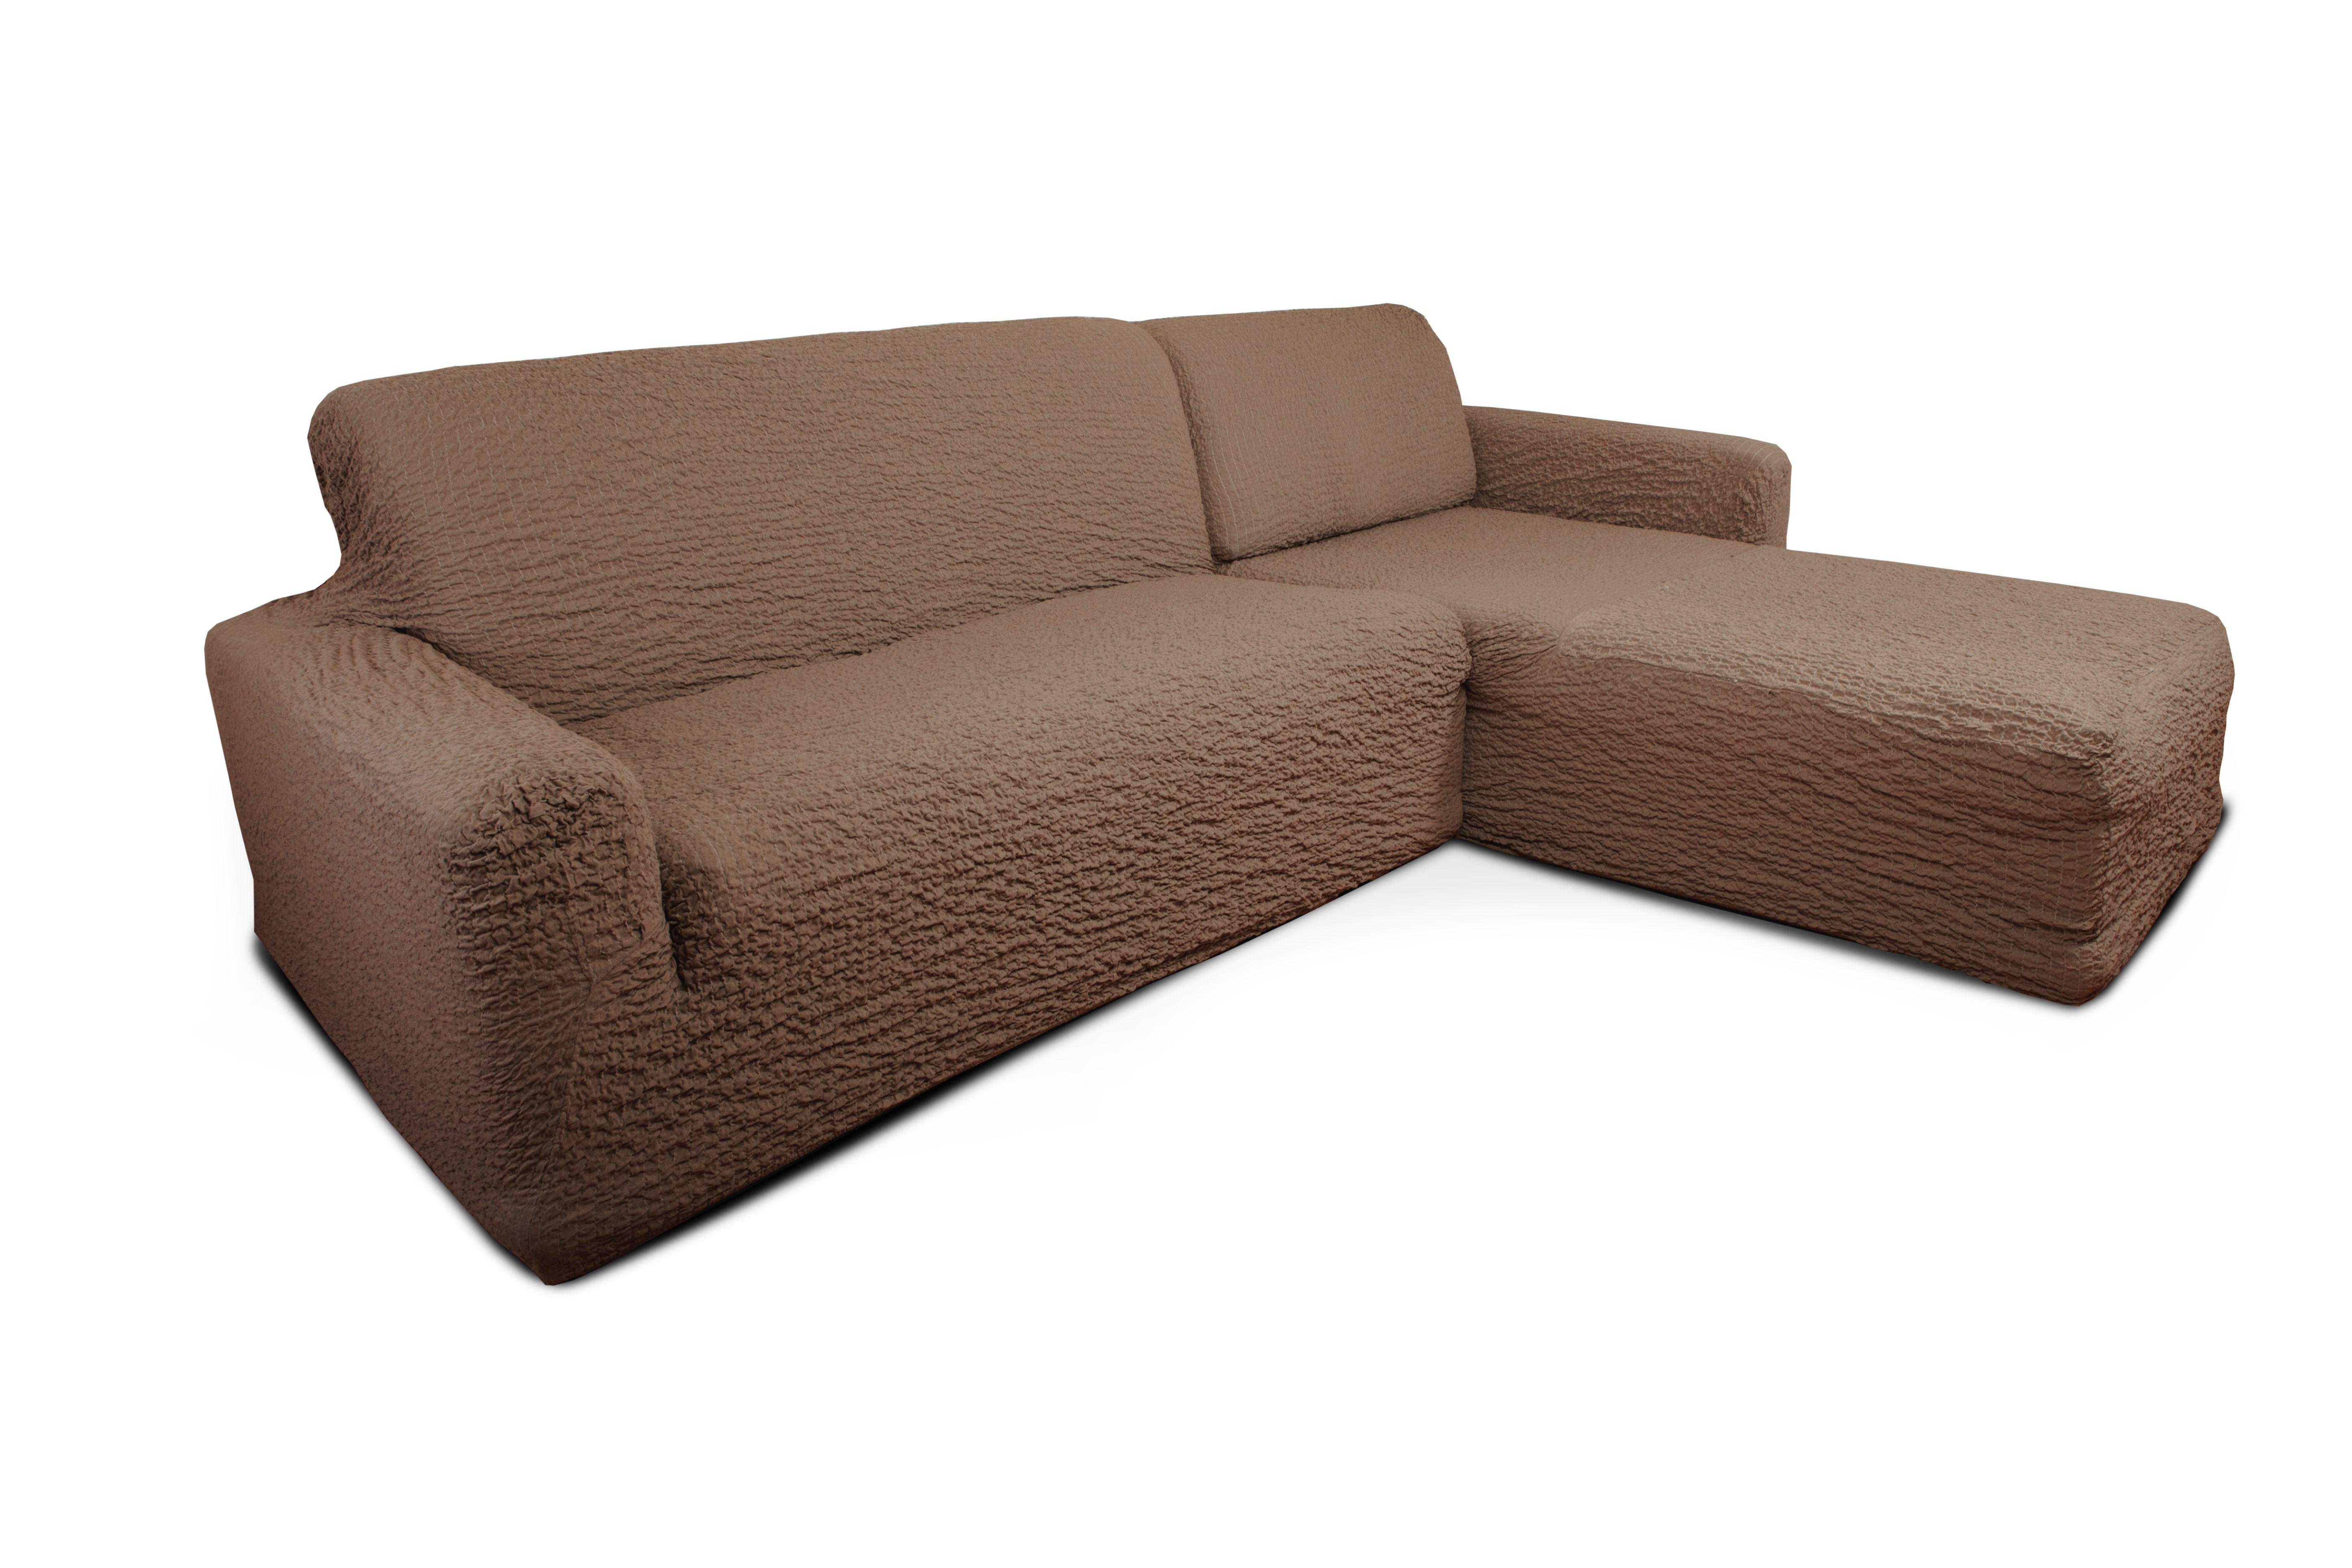 Еврочехол на угловой диван с выступом справа